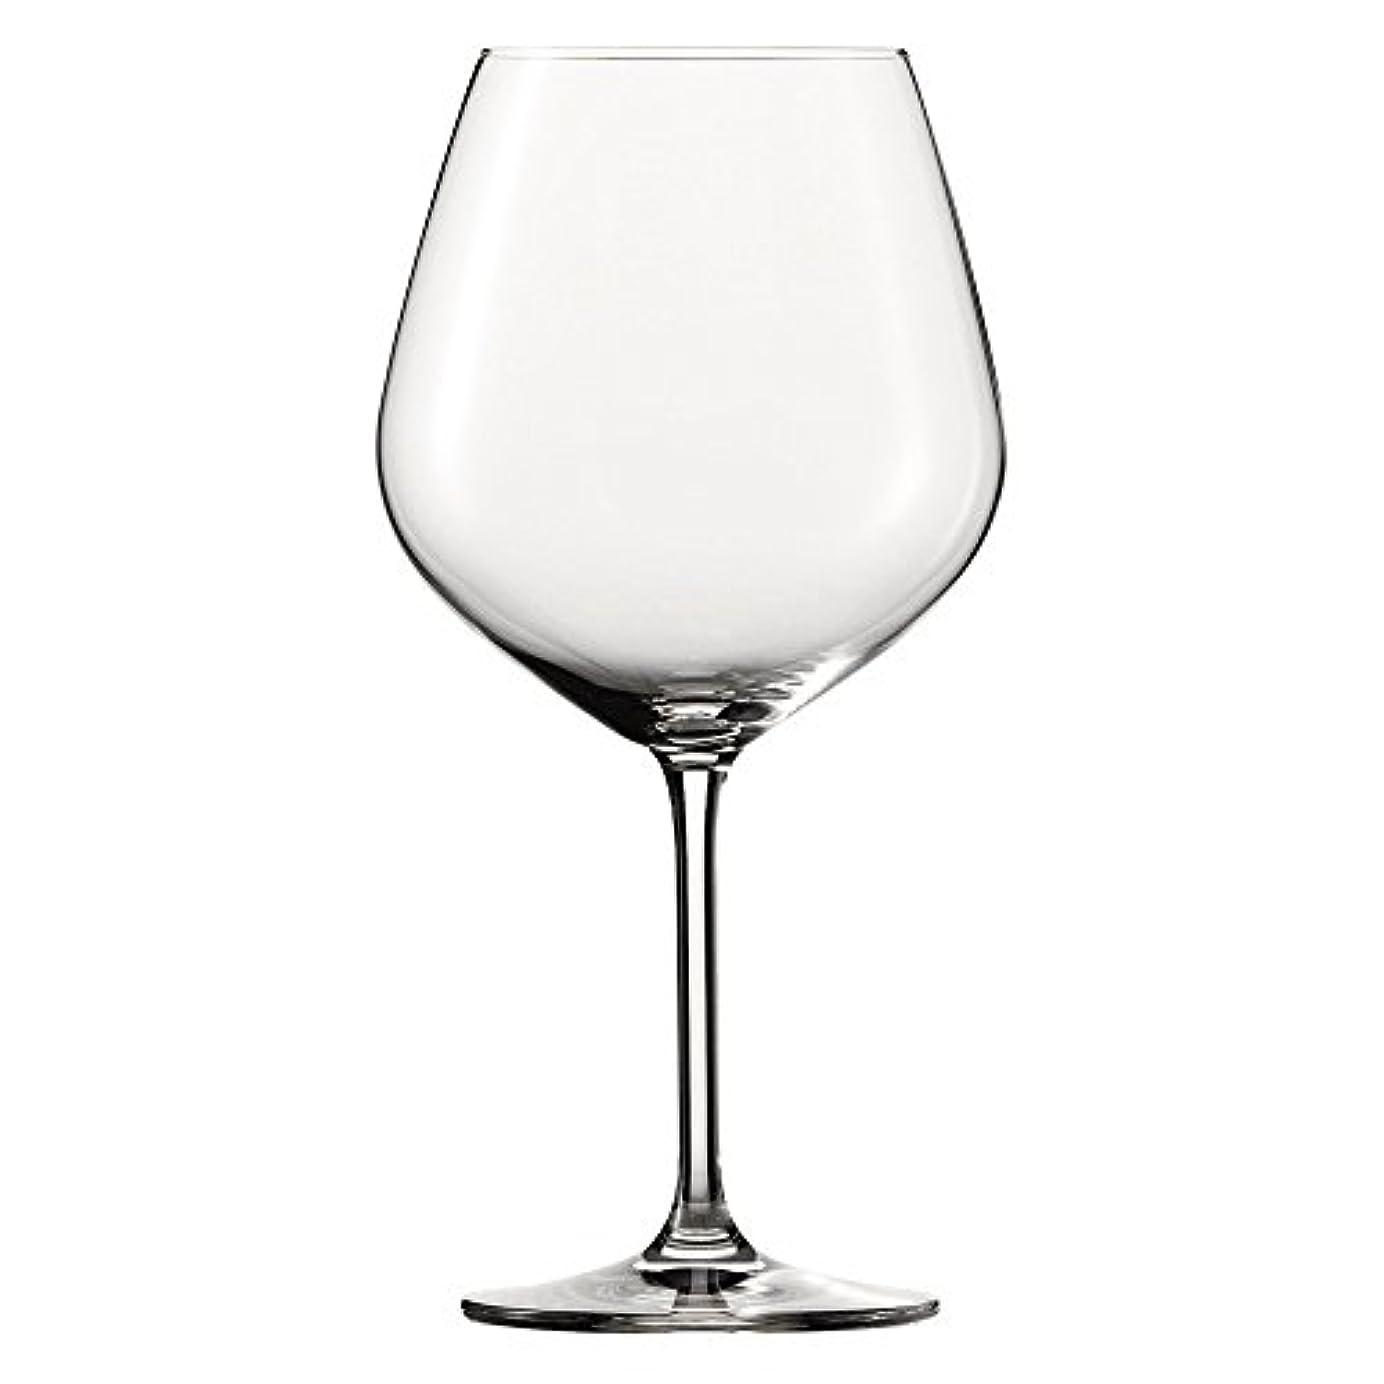 改善変更なめらかツヴィーゼル(ZWIESEL) ヴィーニャ ワイングラス 732cc 1pc入 ZW8465-110499